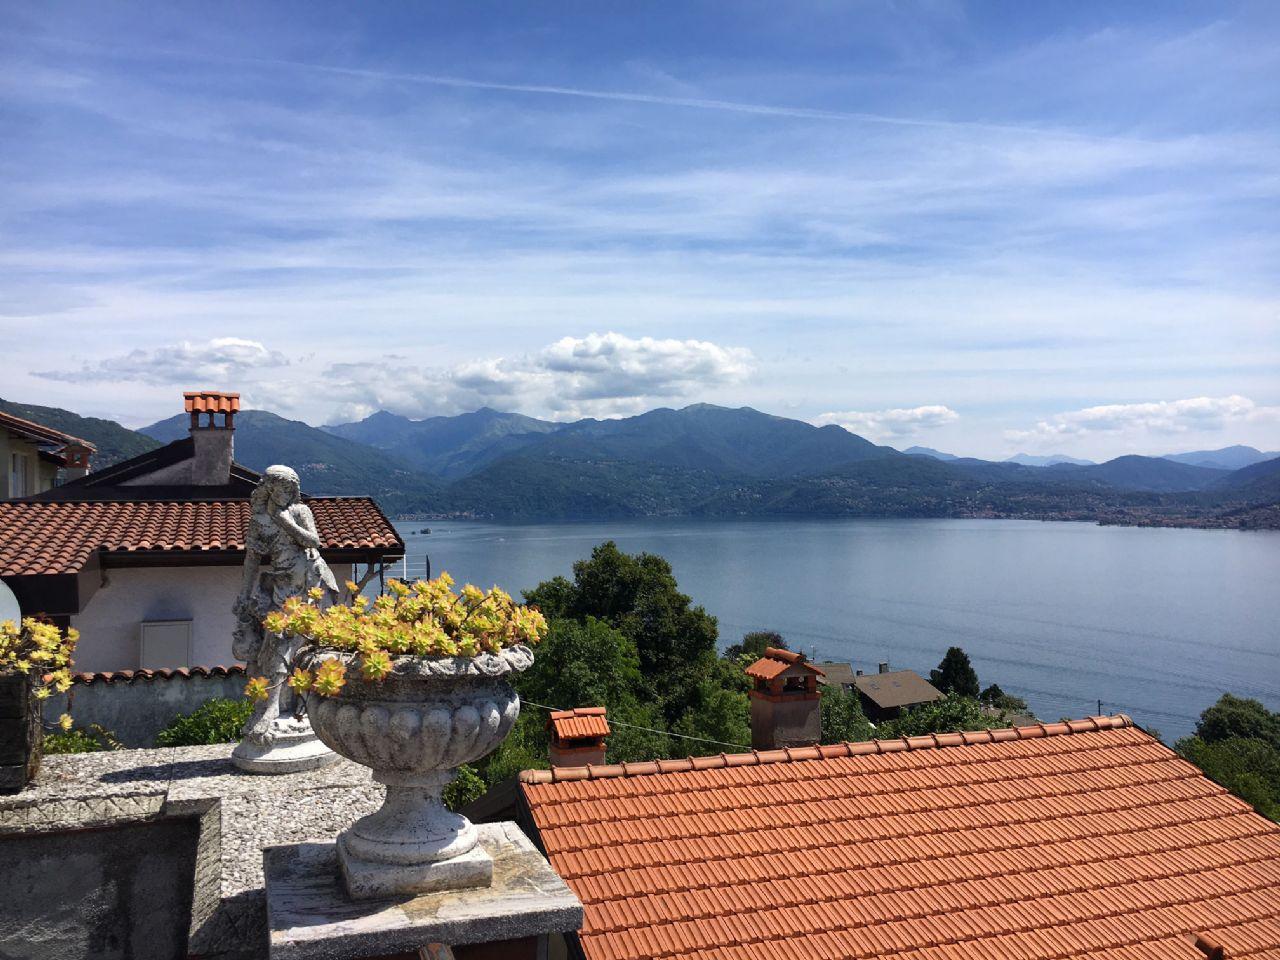 Oggebbio casa vista lago 3 camere con giardino e terrazzo for Piani casa piano unico 3 camere da letto